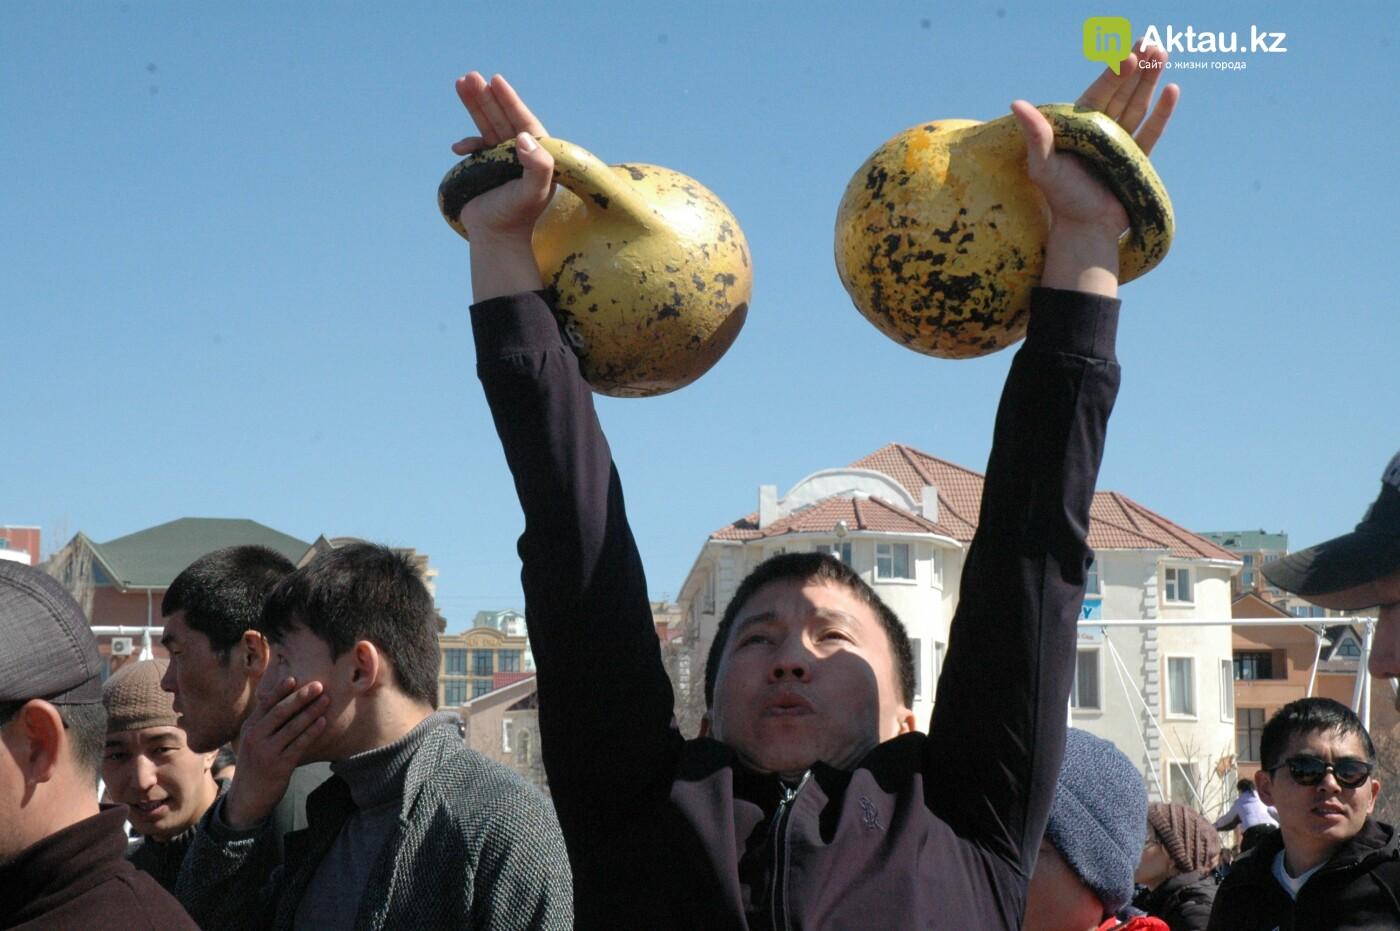 Актау празднует Наурыз мейрамы (ФОТО), фото-13